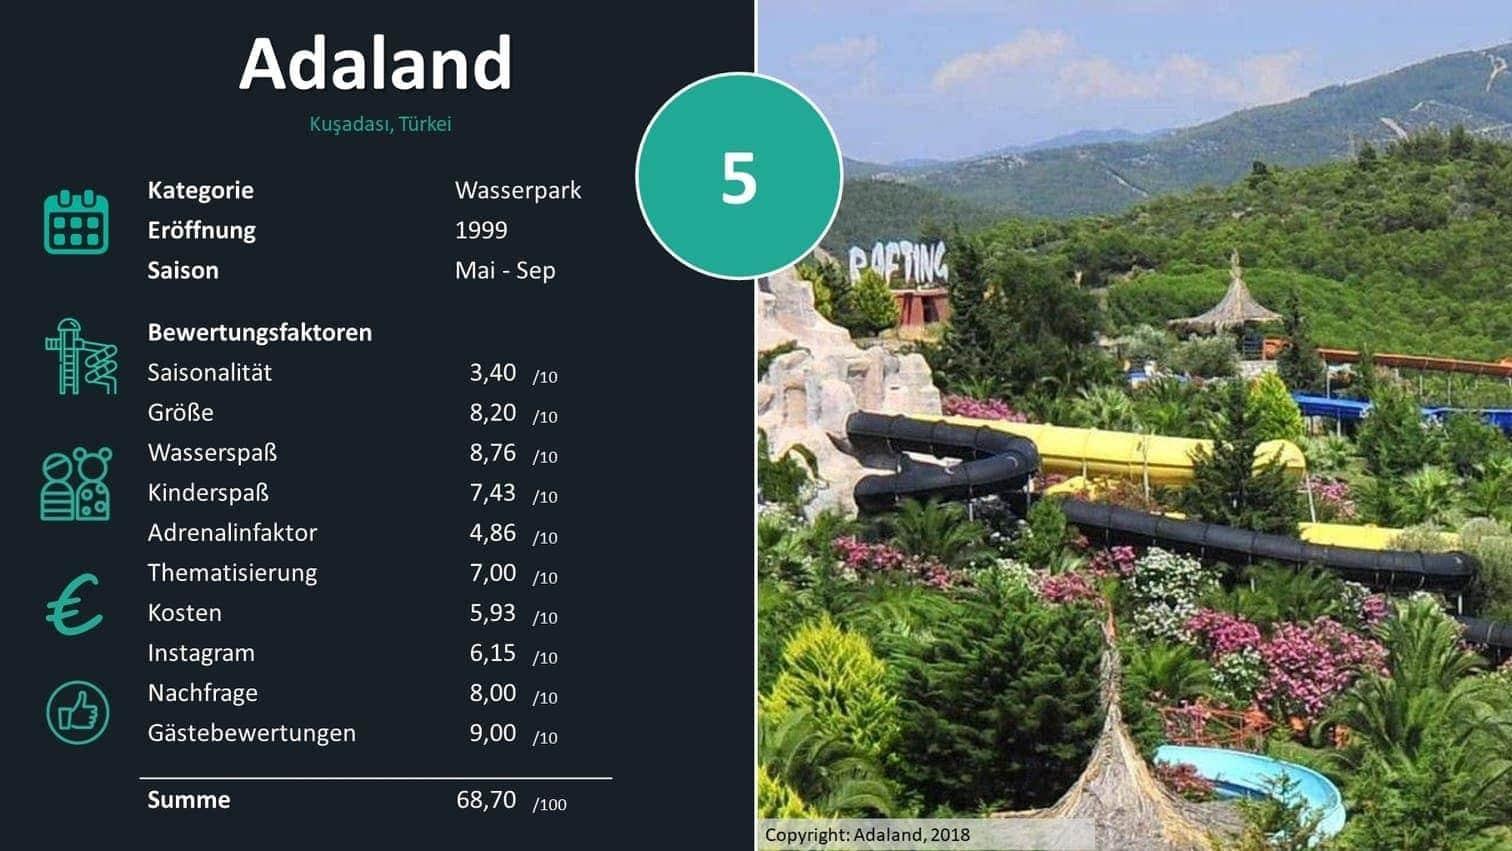 <p>Schon seit 1992 lädt das Aqualand Maspalomas auf Gran Canaria mit zahlreichen Rutschen